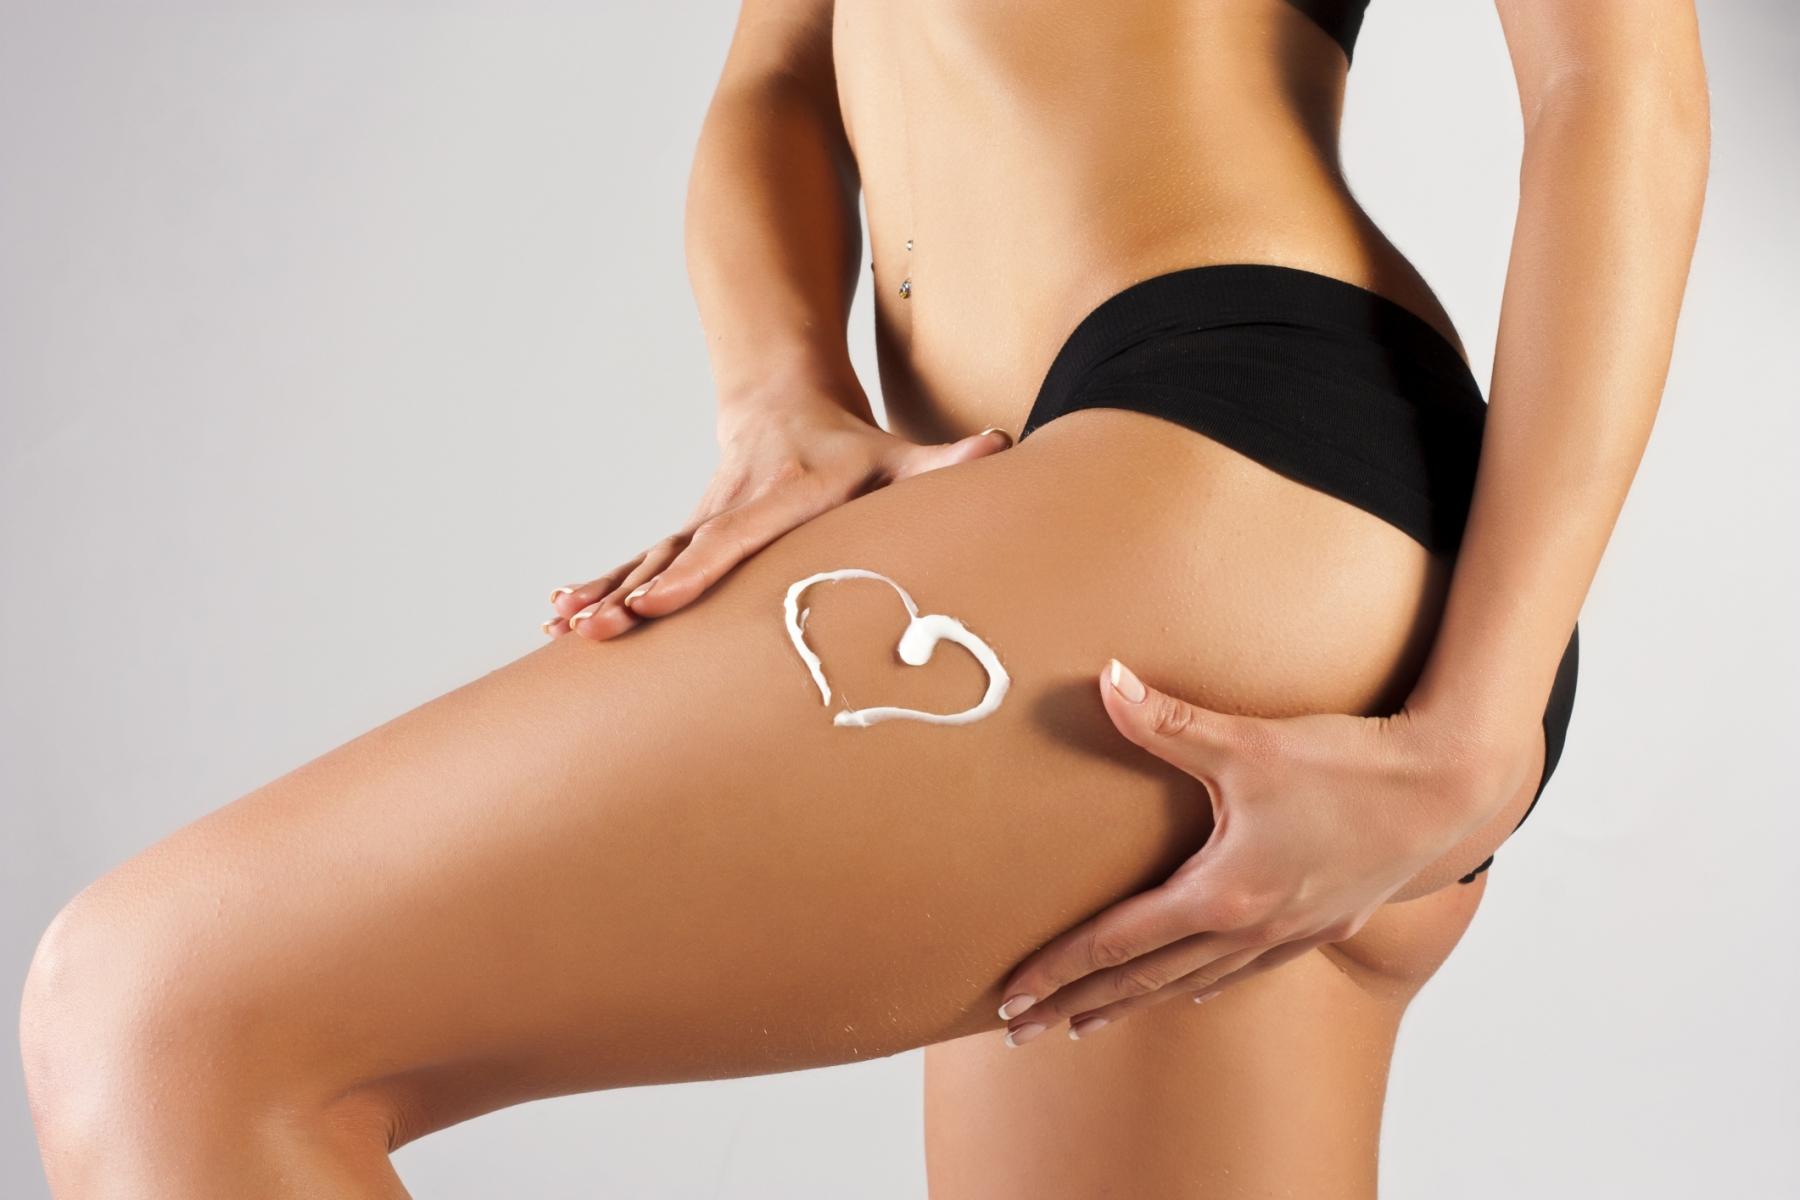 Las manchas blancas en las piernas: ¿Por qué aparecen y cómo prevenirlas?